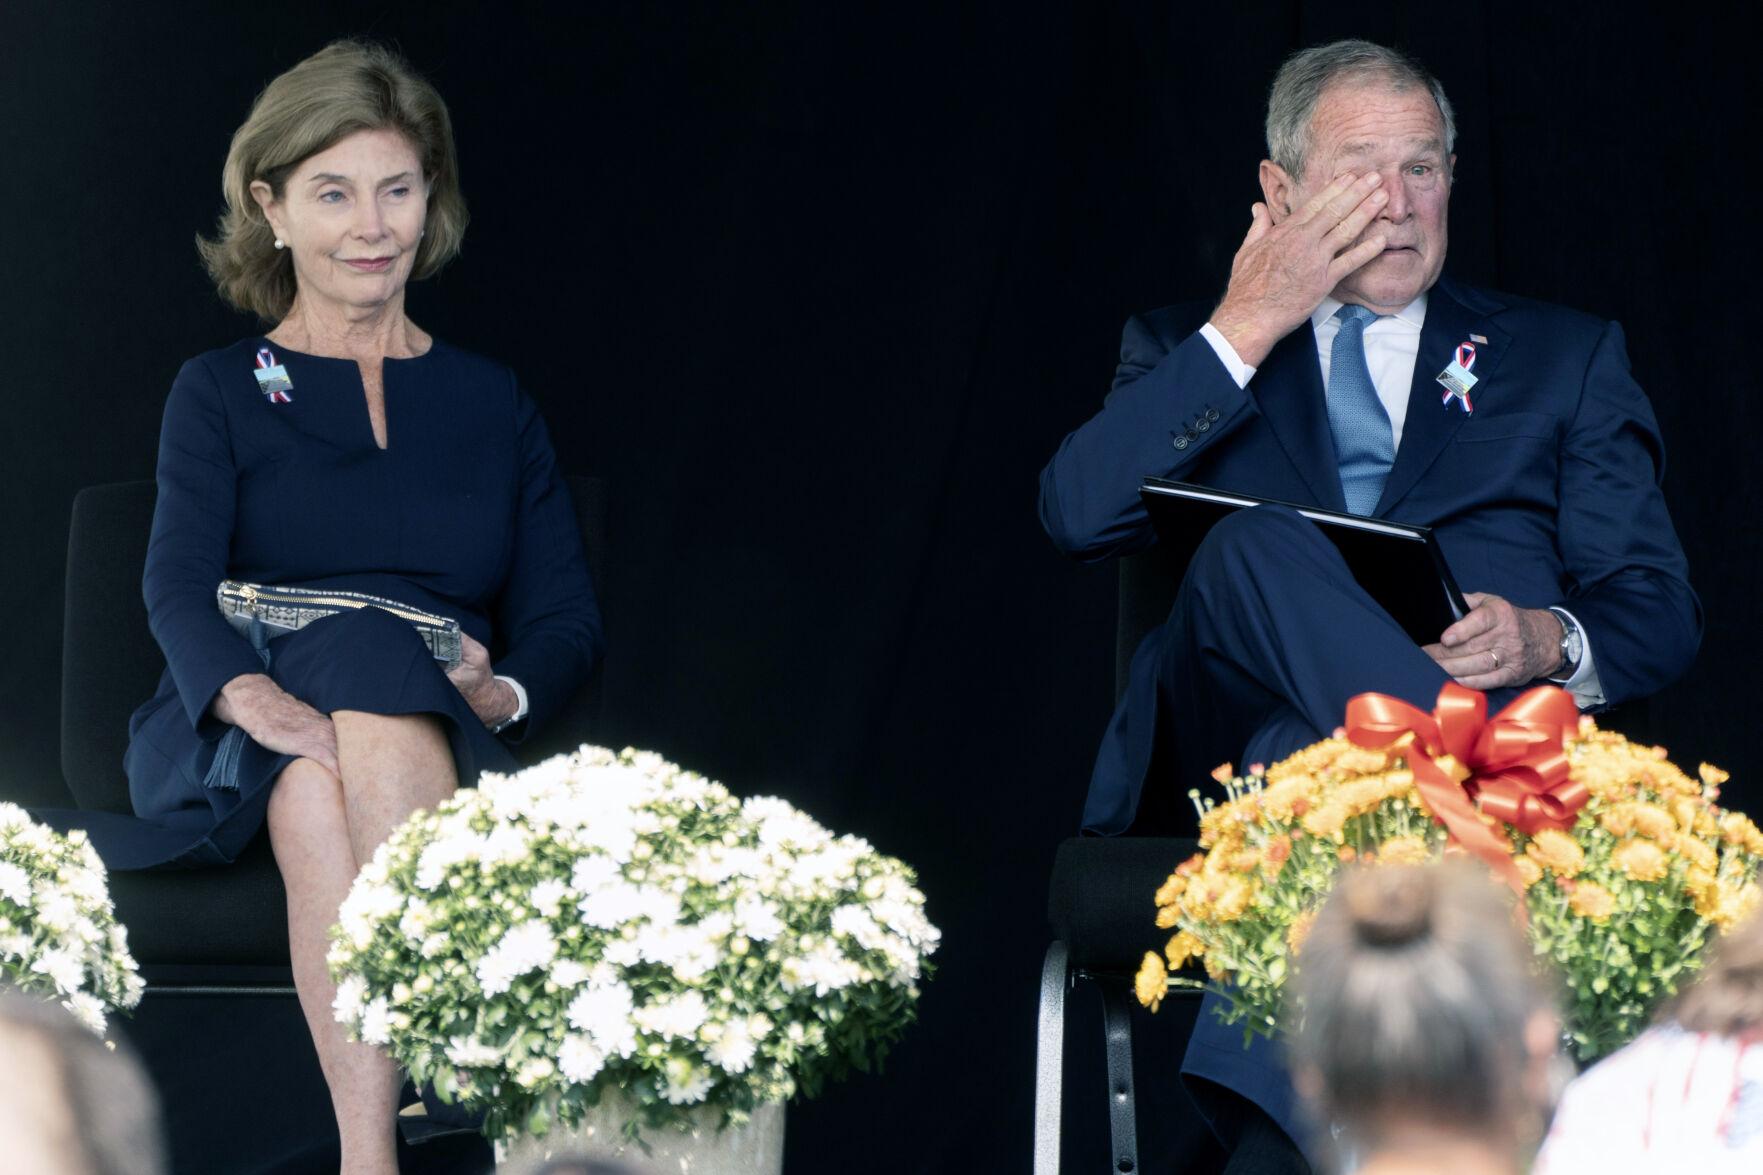 9/11: Bush, Trump and the future of democracy